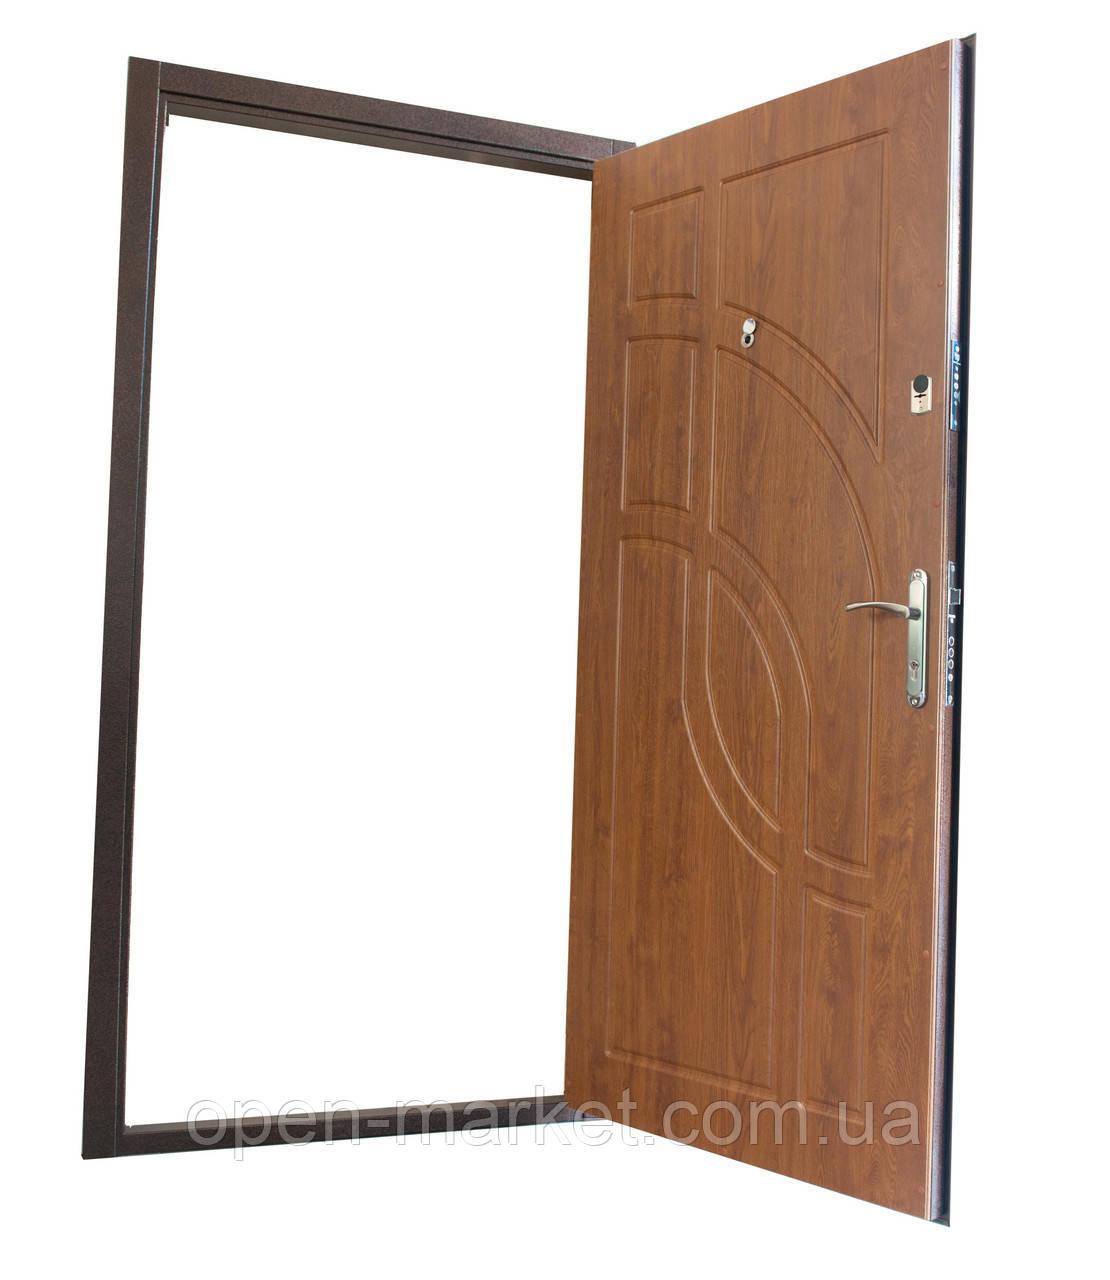 Двери уличные Посад-Покровское Херсонская область - OPEN в Николаеве